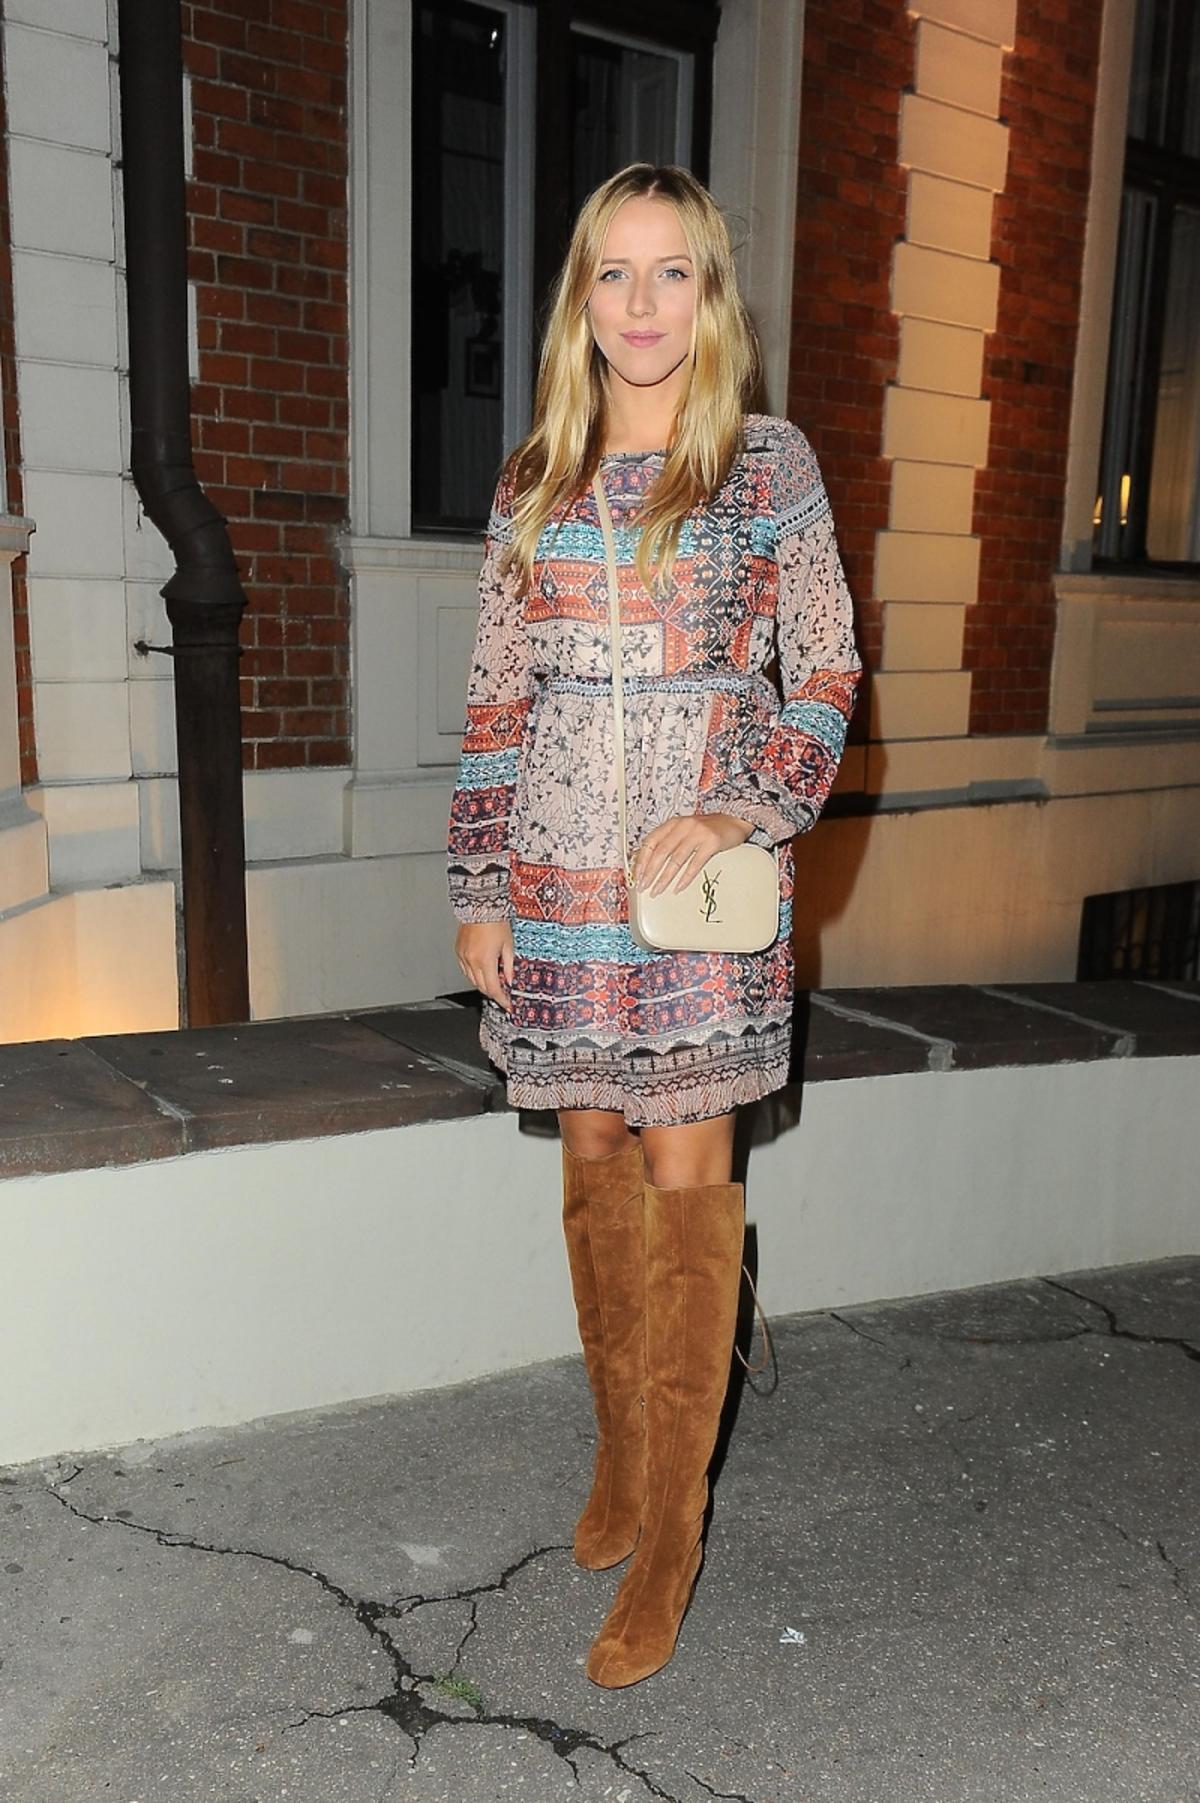 Jessica Mercedes w sukience w kolorowe printy, brązowych wysokich kozakach, małą kremową torebką na długim pasku